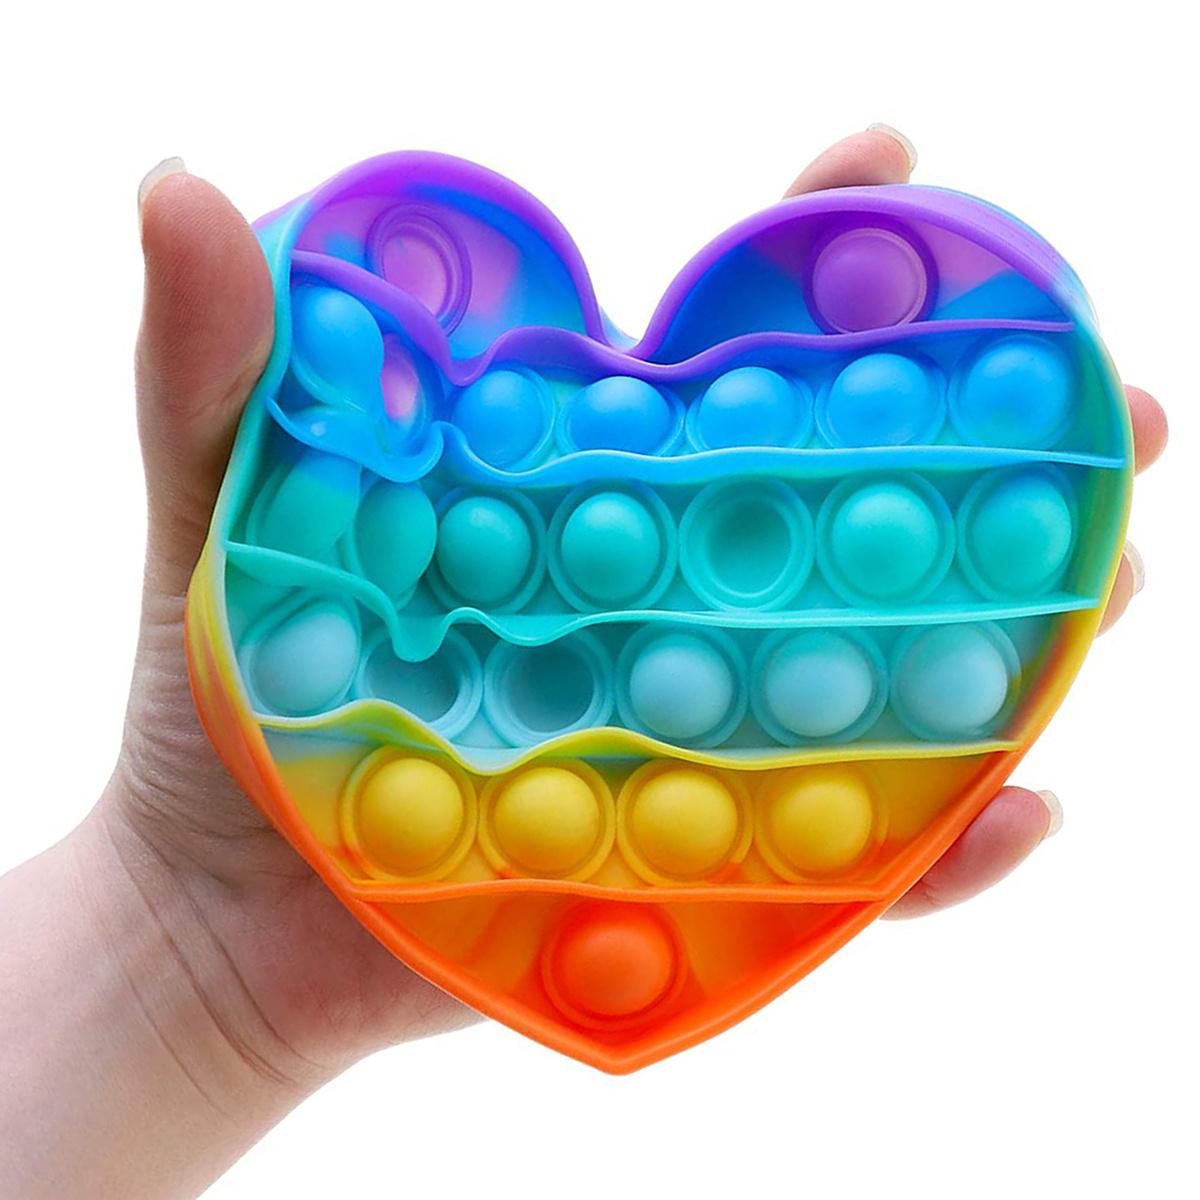 антистресс пупырка в форме сердца в руке